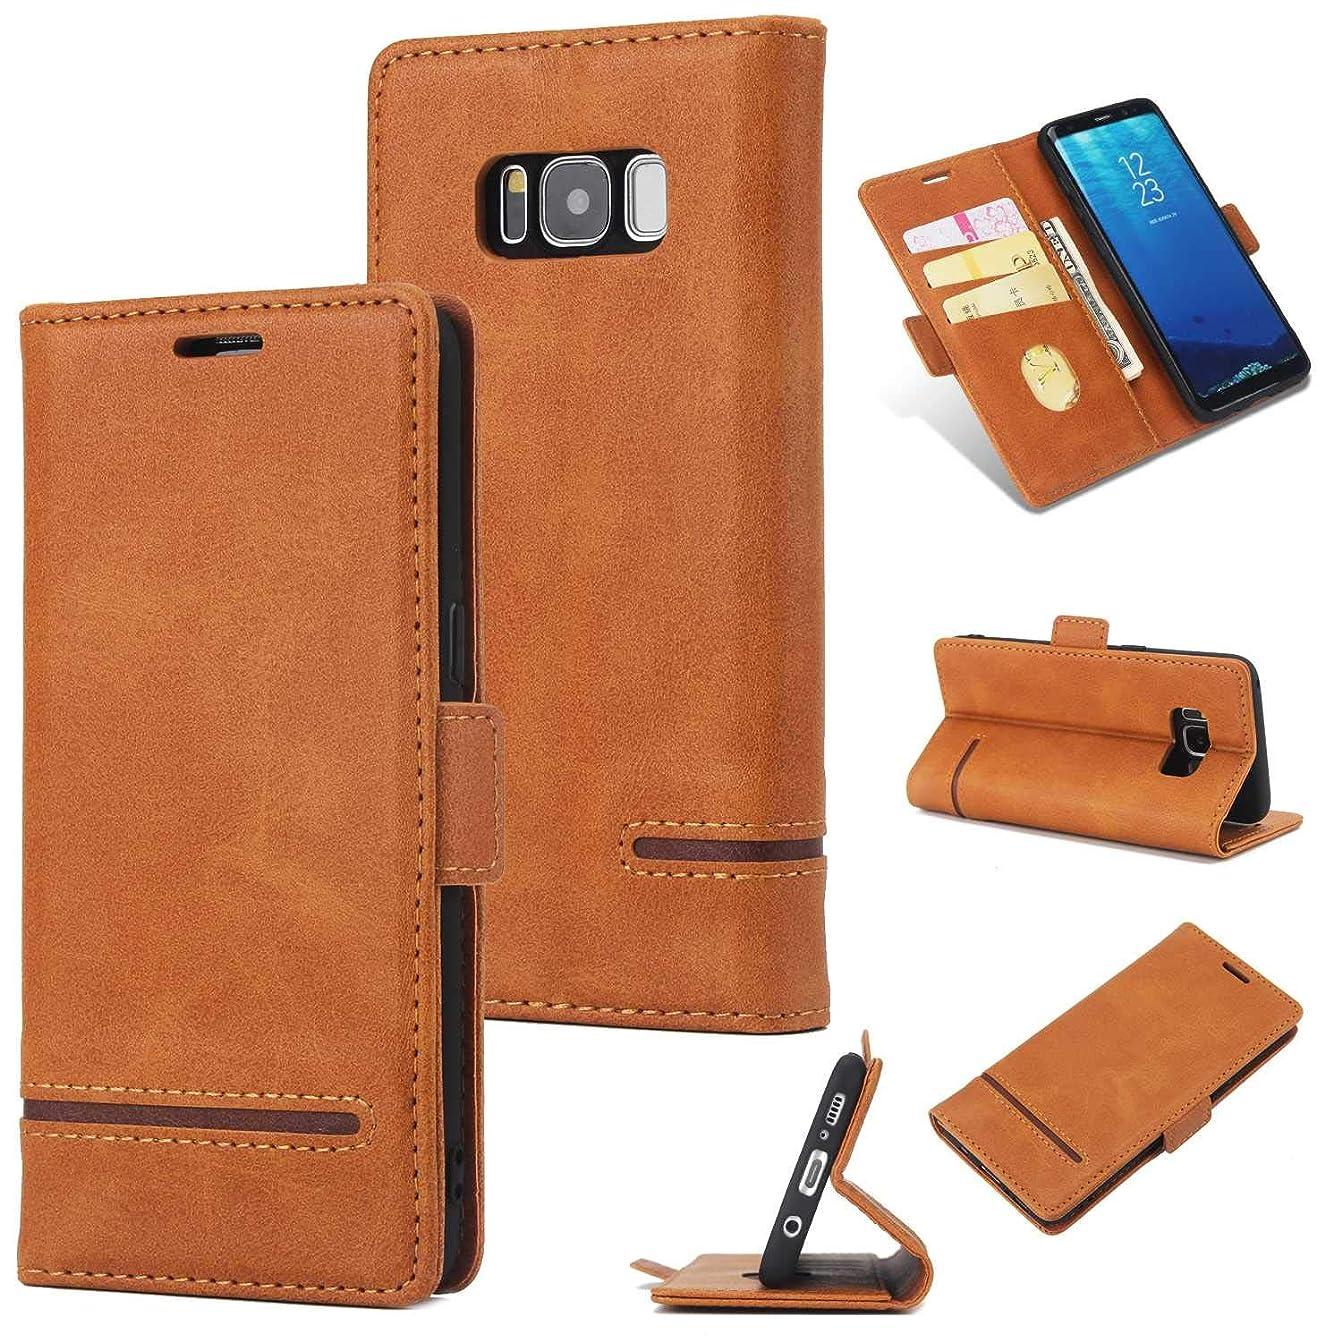 北方発揮する十代の若者たちOMATENTI Galaxy S8 ケース, 簡約風 軽量 良質 PU レザー 財布型 ビジネス ケース, 衝撃吸収 液晶保護 カード収納 横置きスタンド機能付き マグネット Galaxy S8 用 Case Cover, 黄褐色